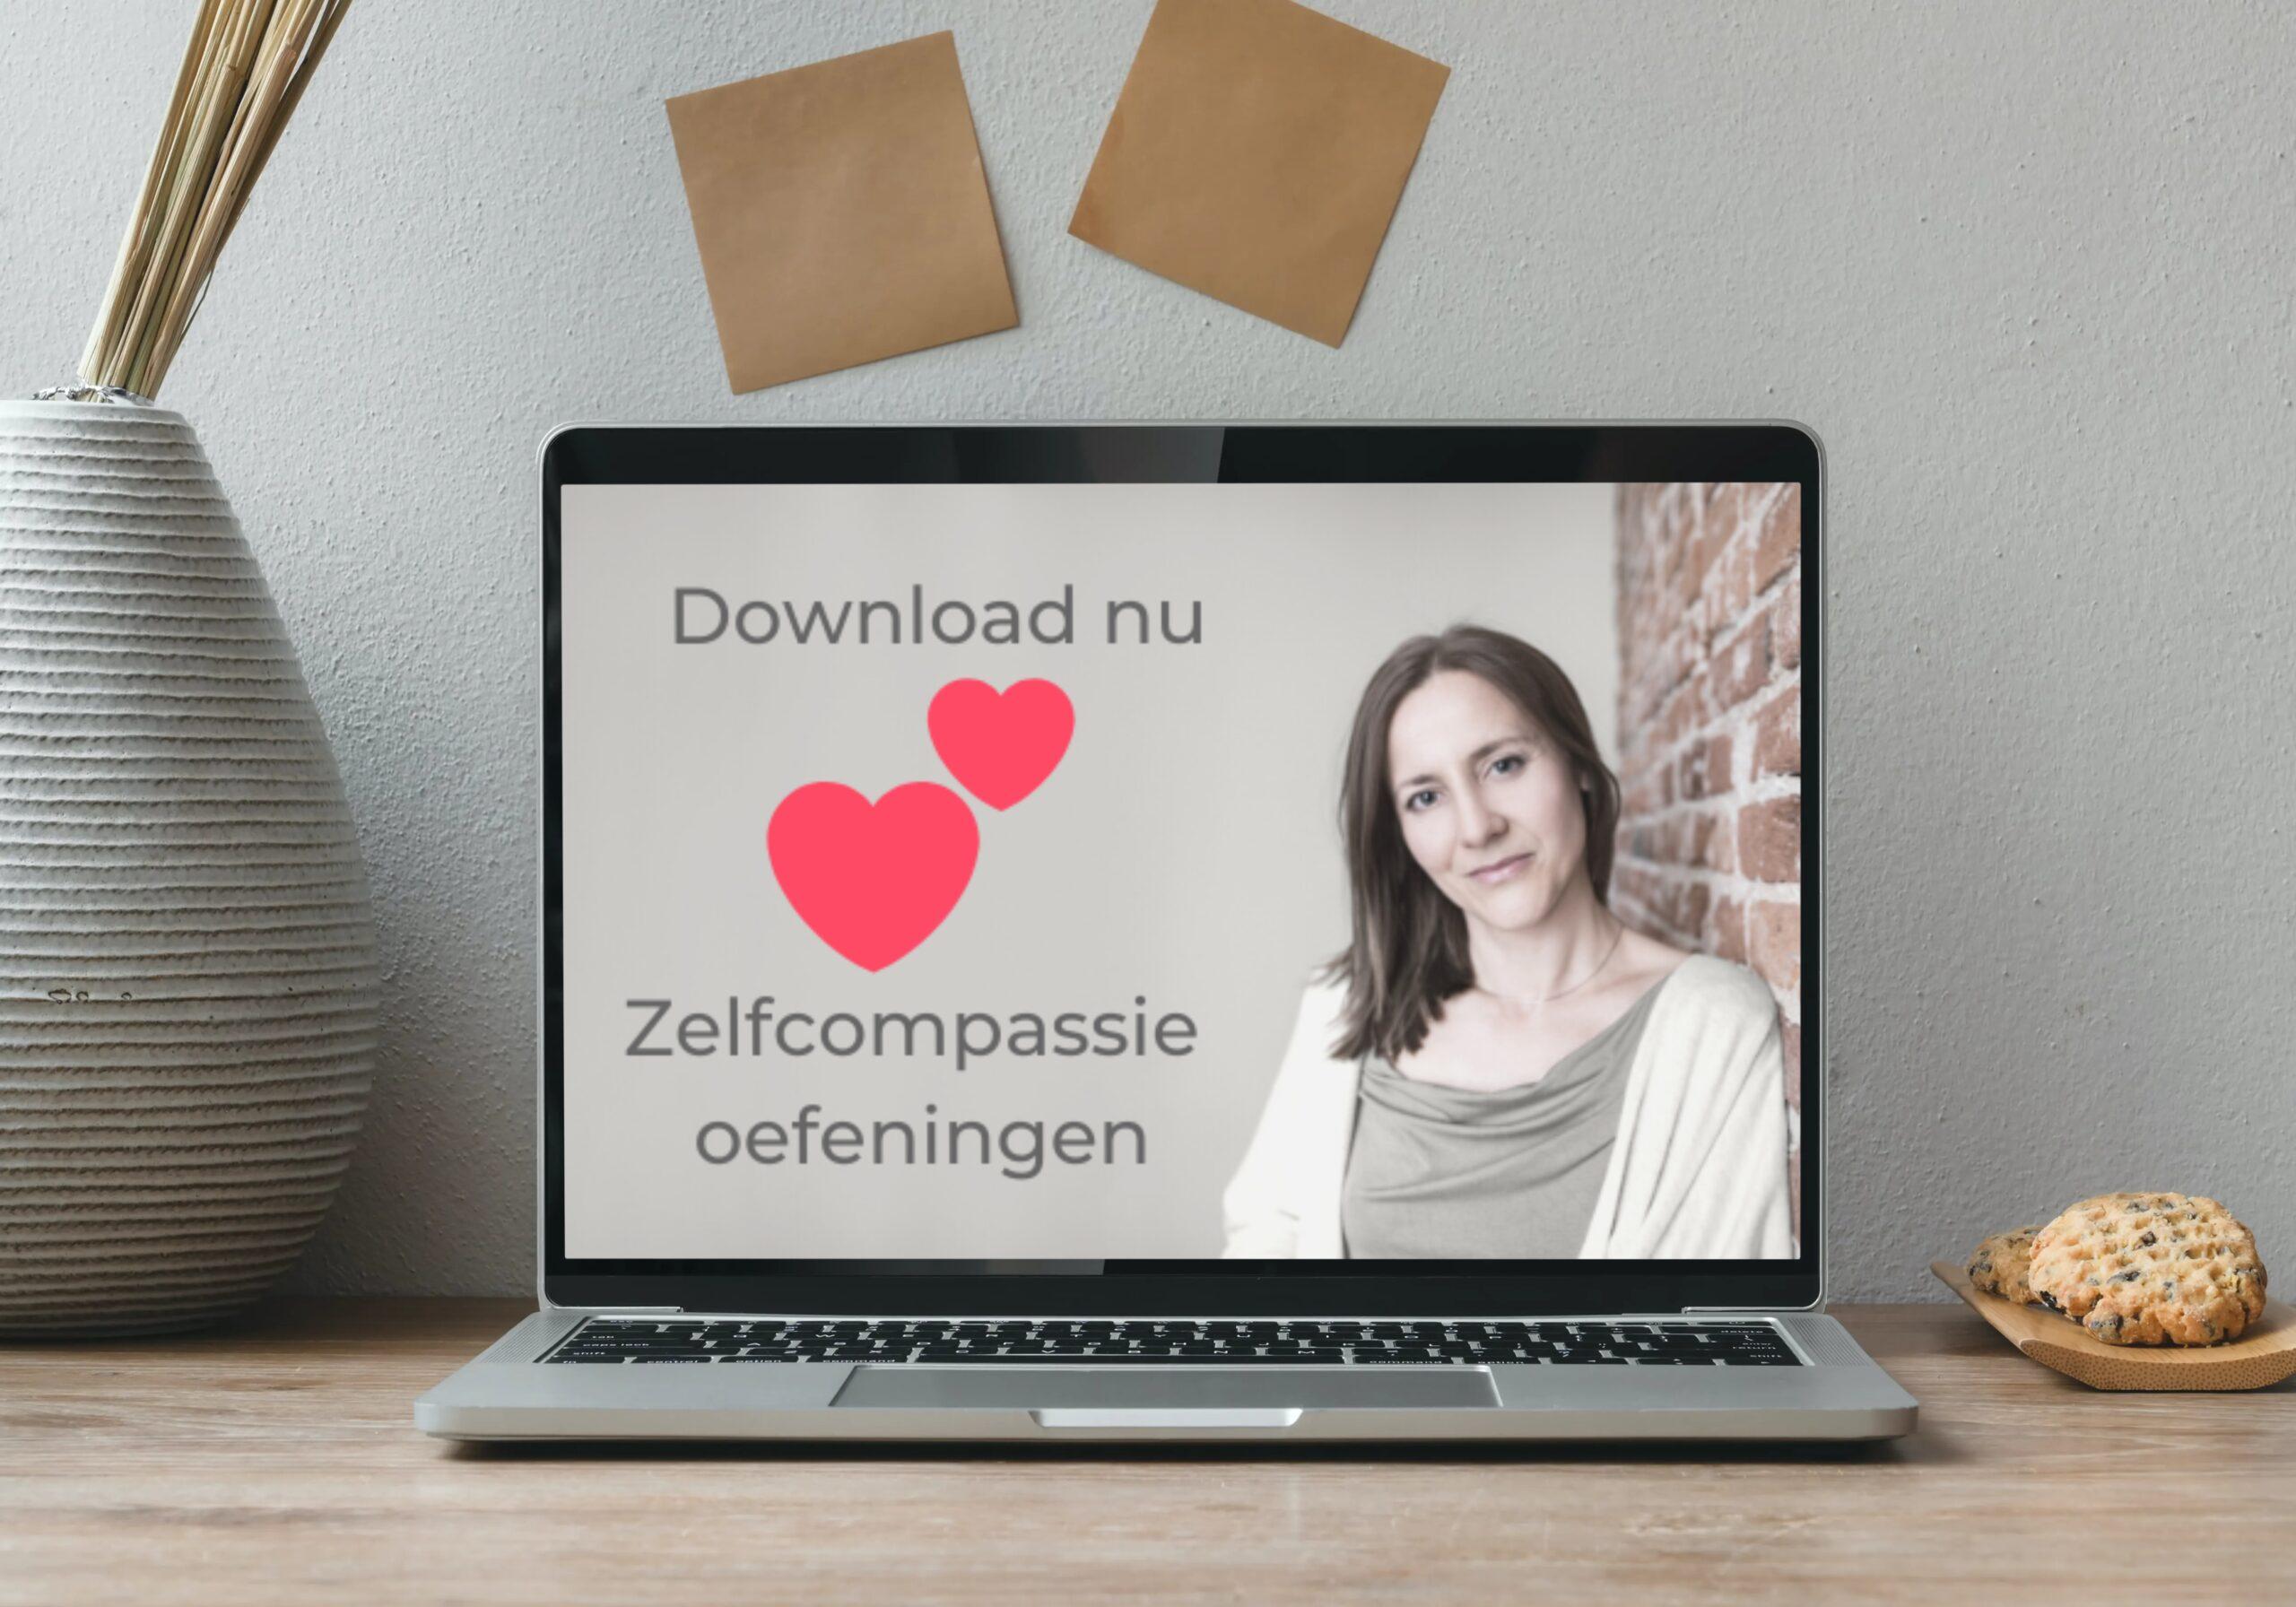 zelfcompassie oefeningen